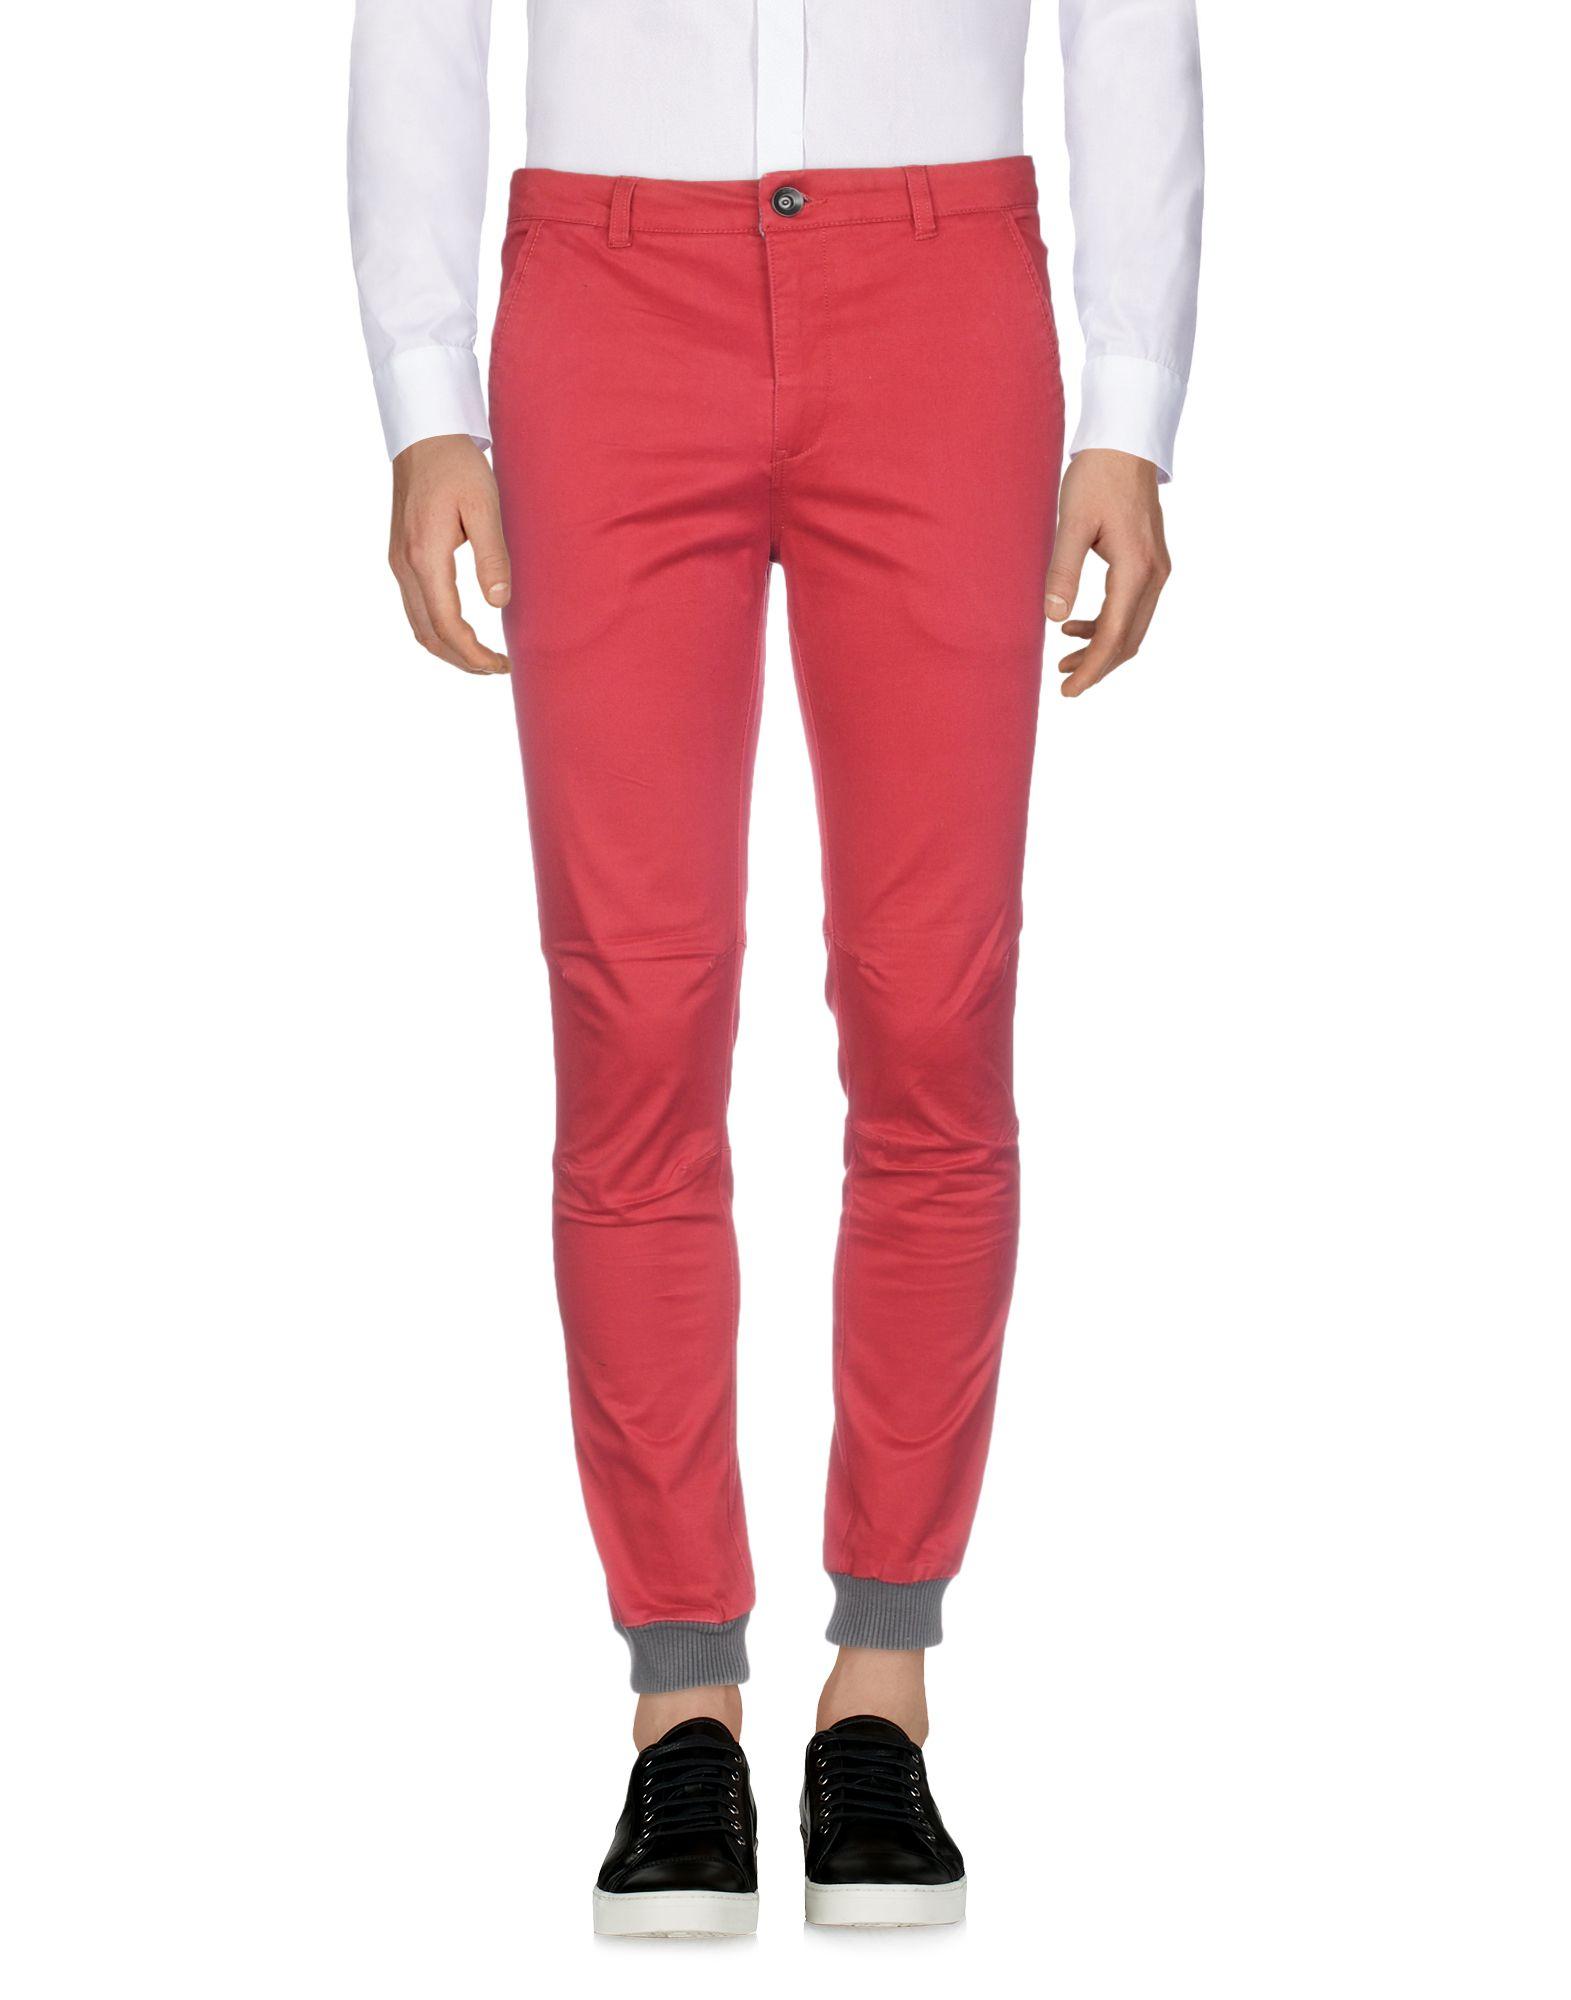 《送料無料》SUIT メンズ パンツ レンガ 30 コットン 100%